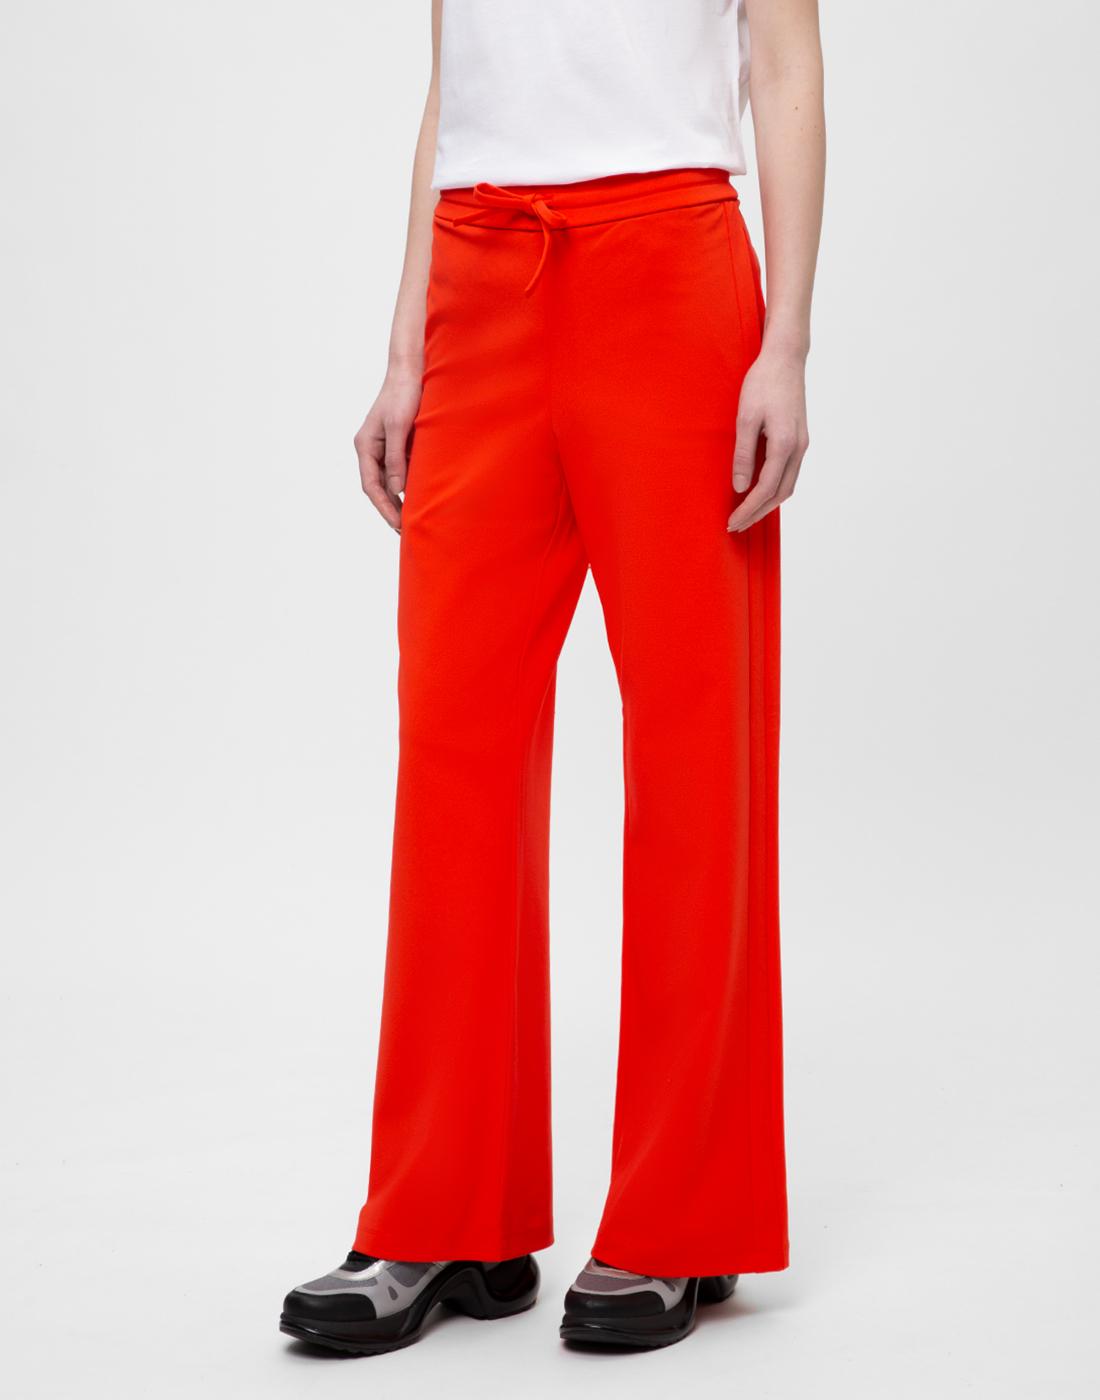 Женские красные брюки Dorothee Schumacher S626012/434-3